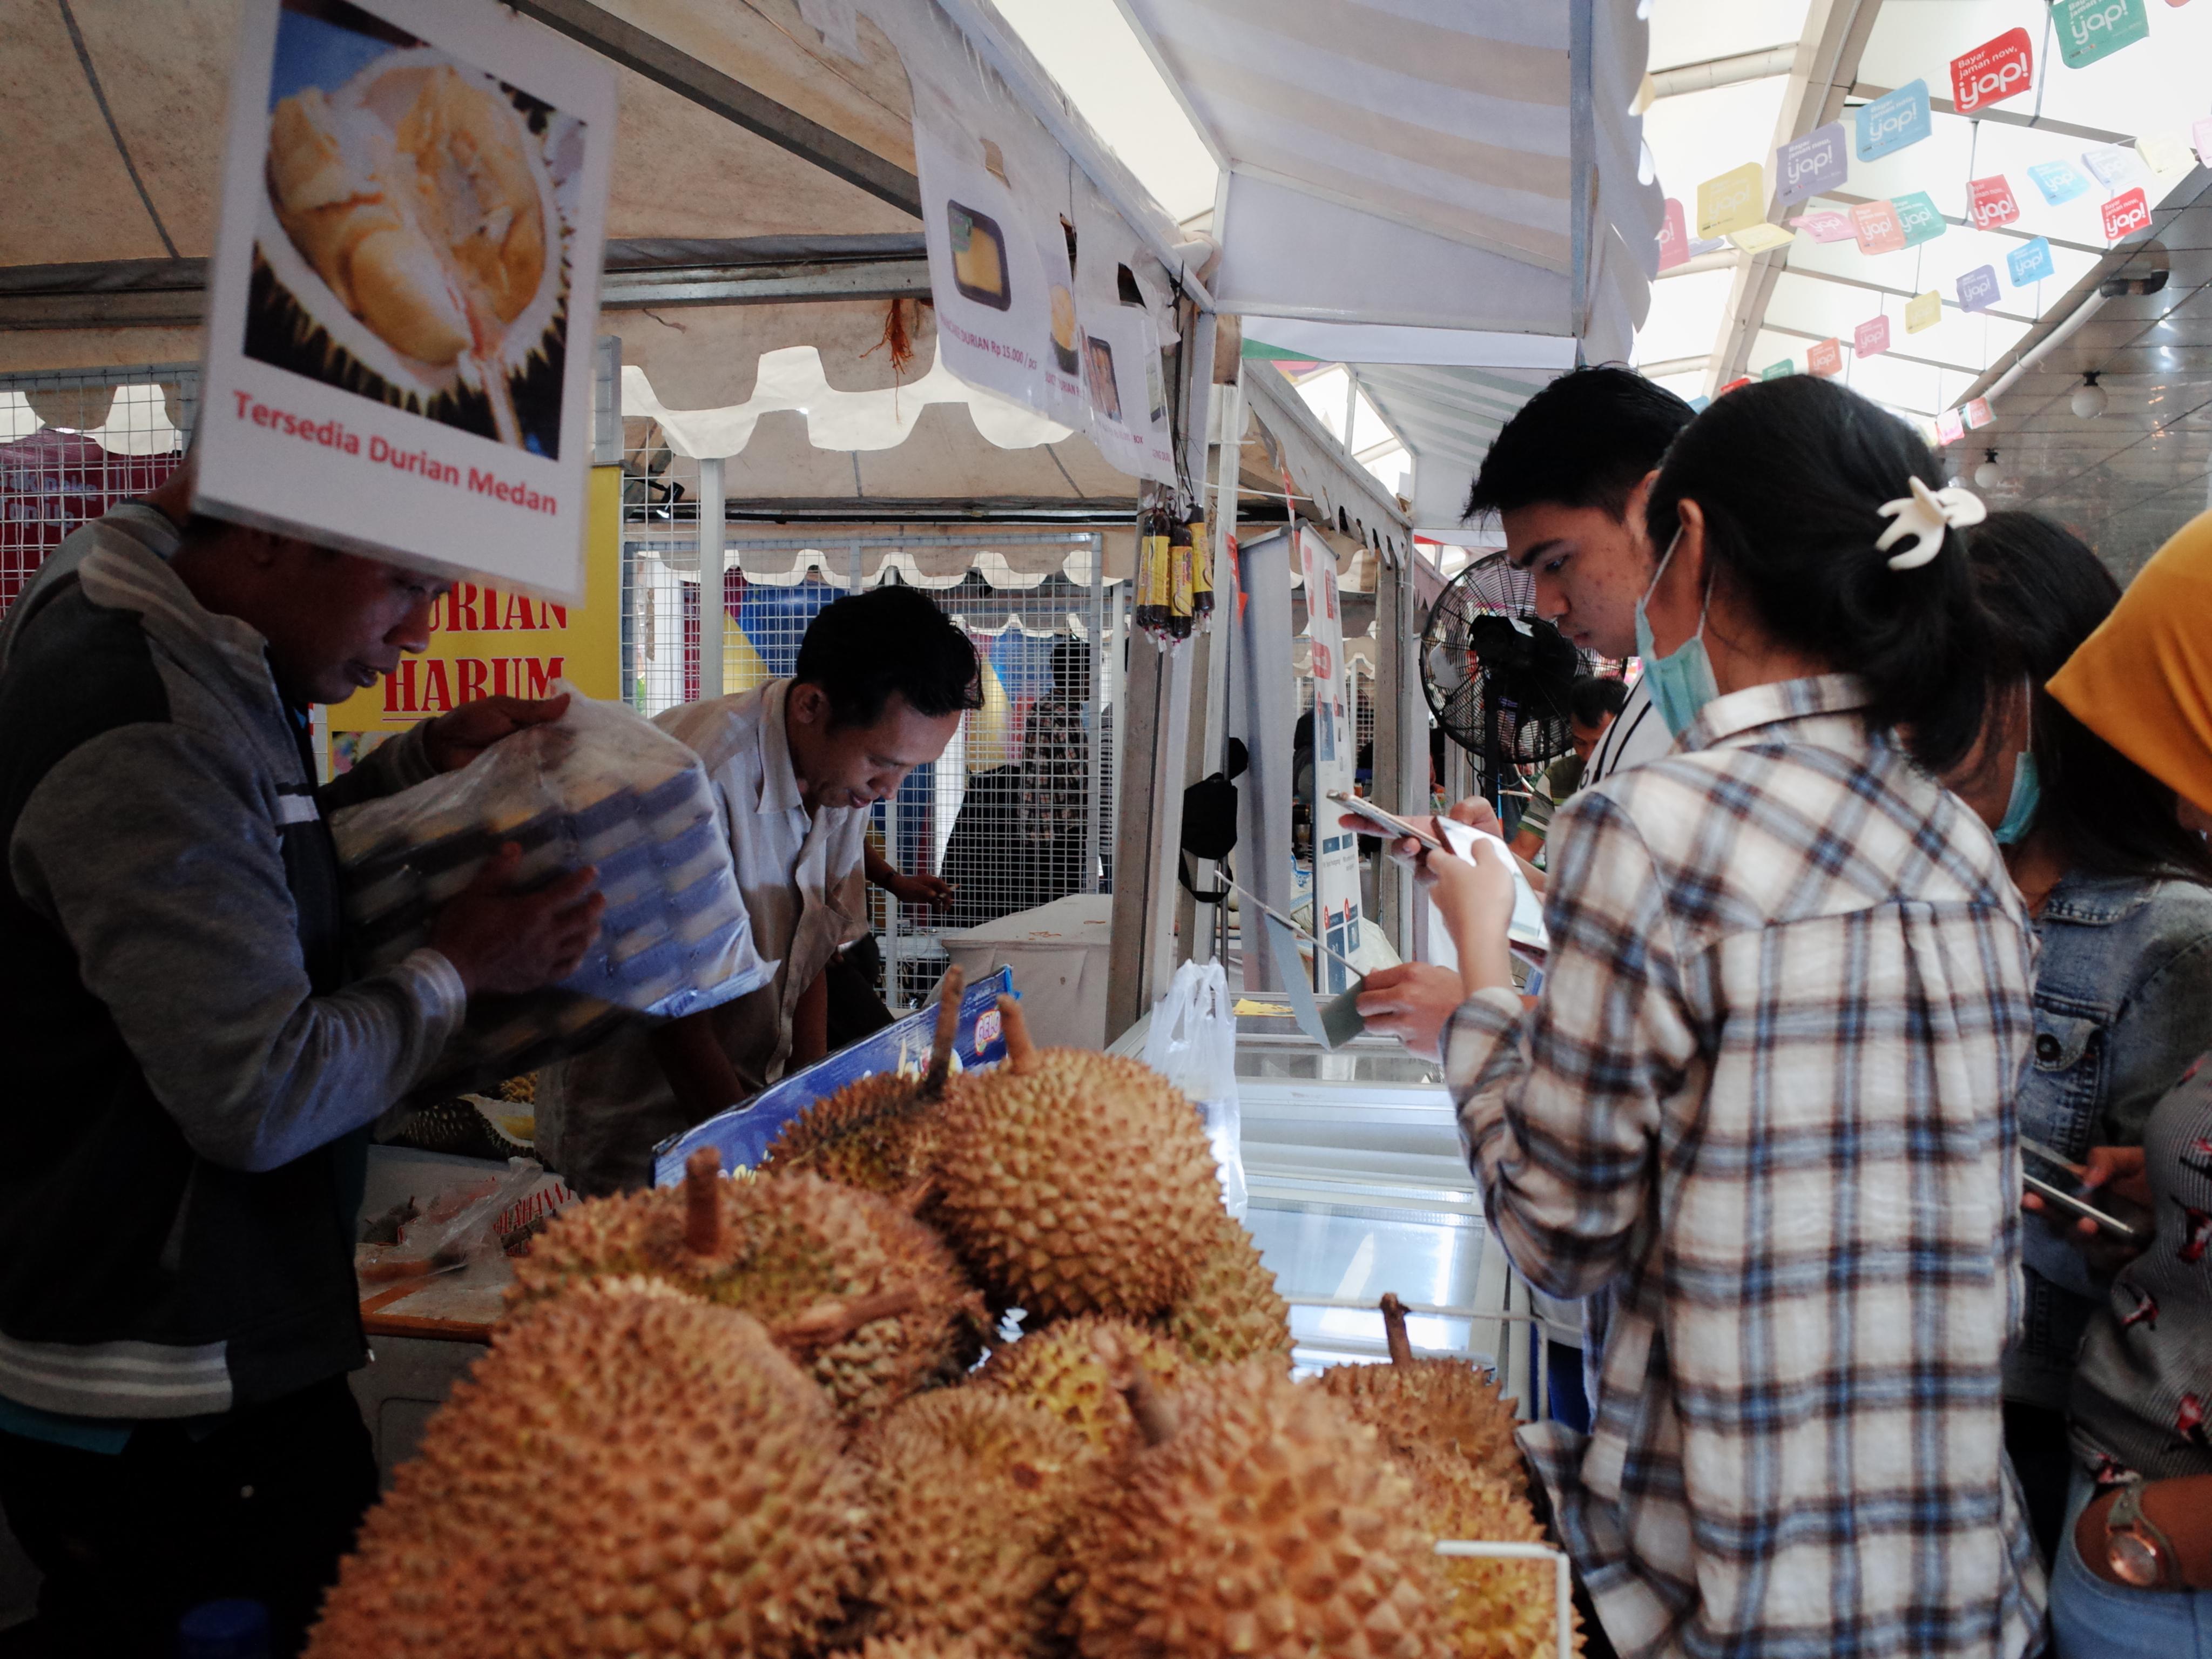 Les clients achètent des durians via une application de paiement électronique. Jakarta, Indonésie. (crédits: Yosomono / Flickr Creative Commons Attribution 2.0 Générique (CC BY 2.0))